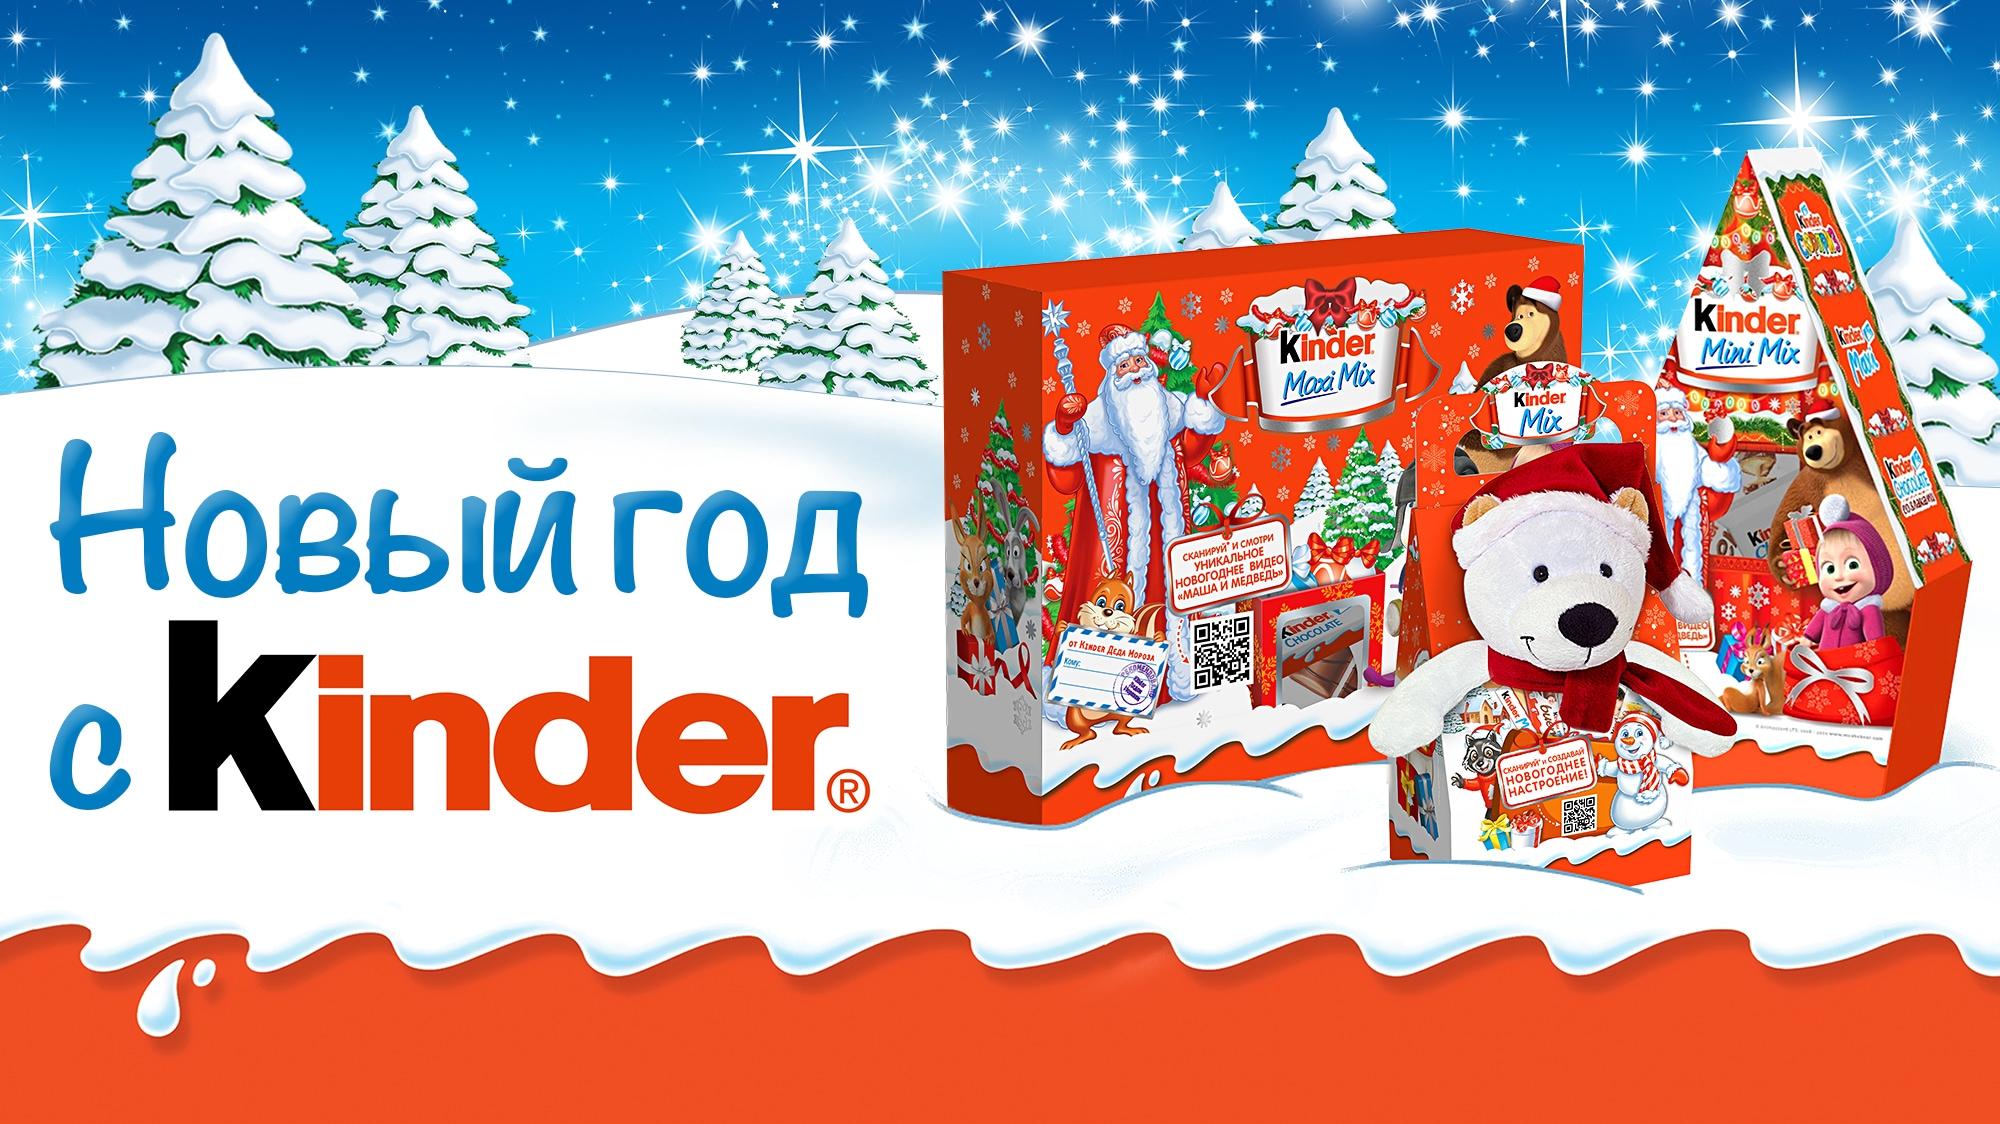 Kinder® дарит персональные новогодние поздравления от Деда Мороза